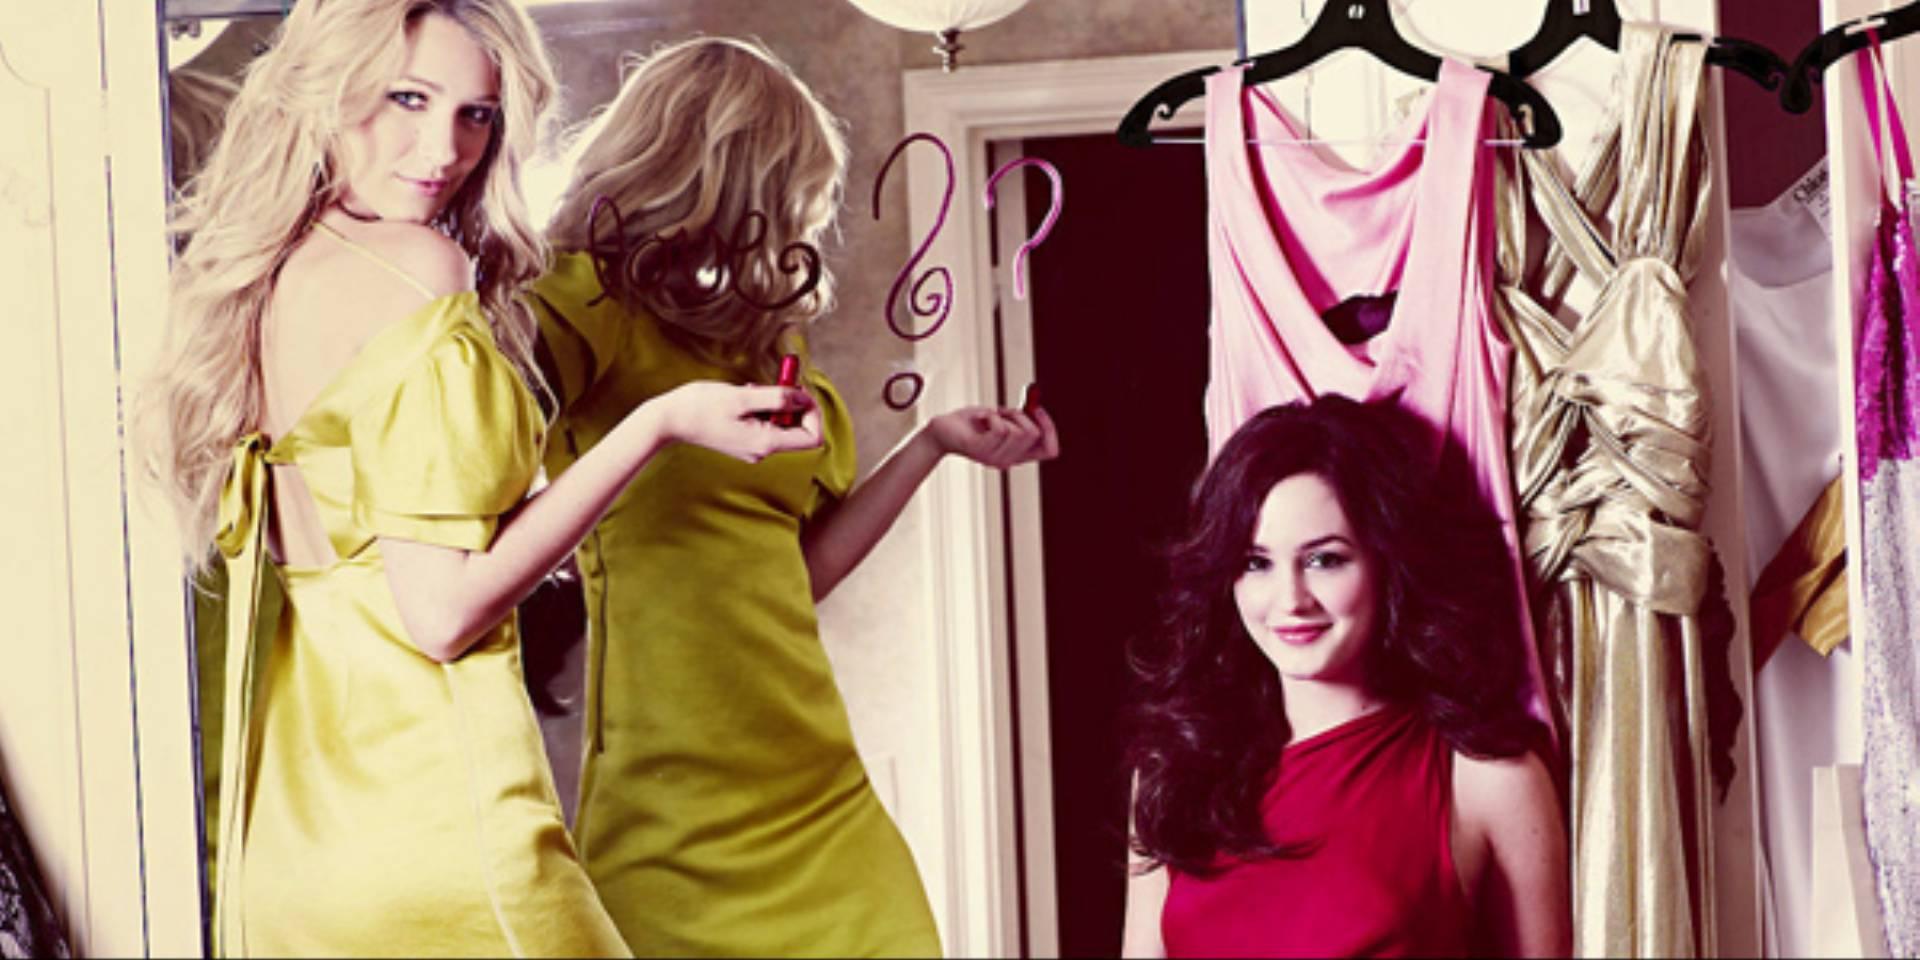 Gossip-Girl-3-gossip-girl-1